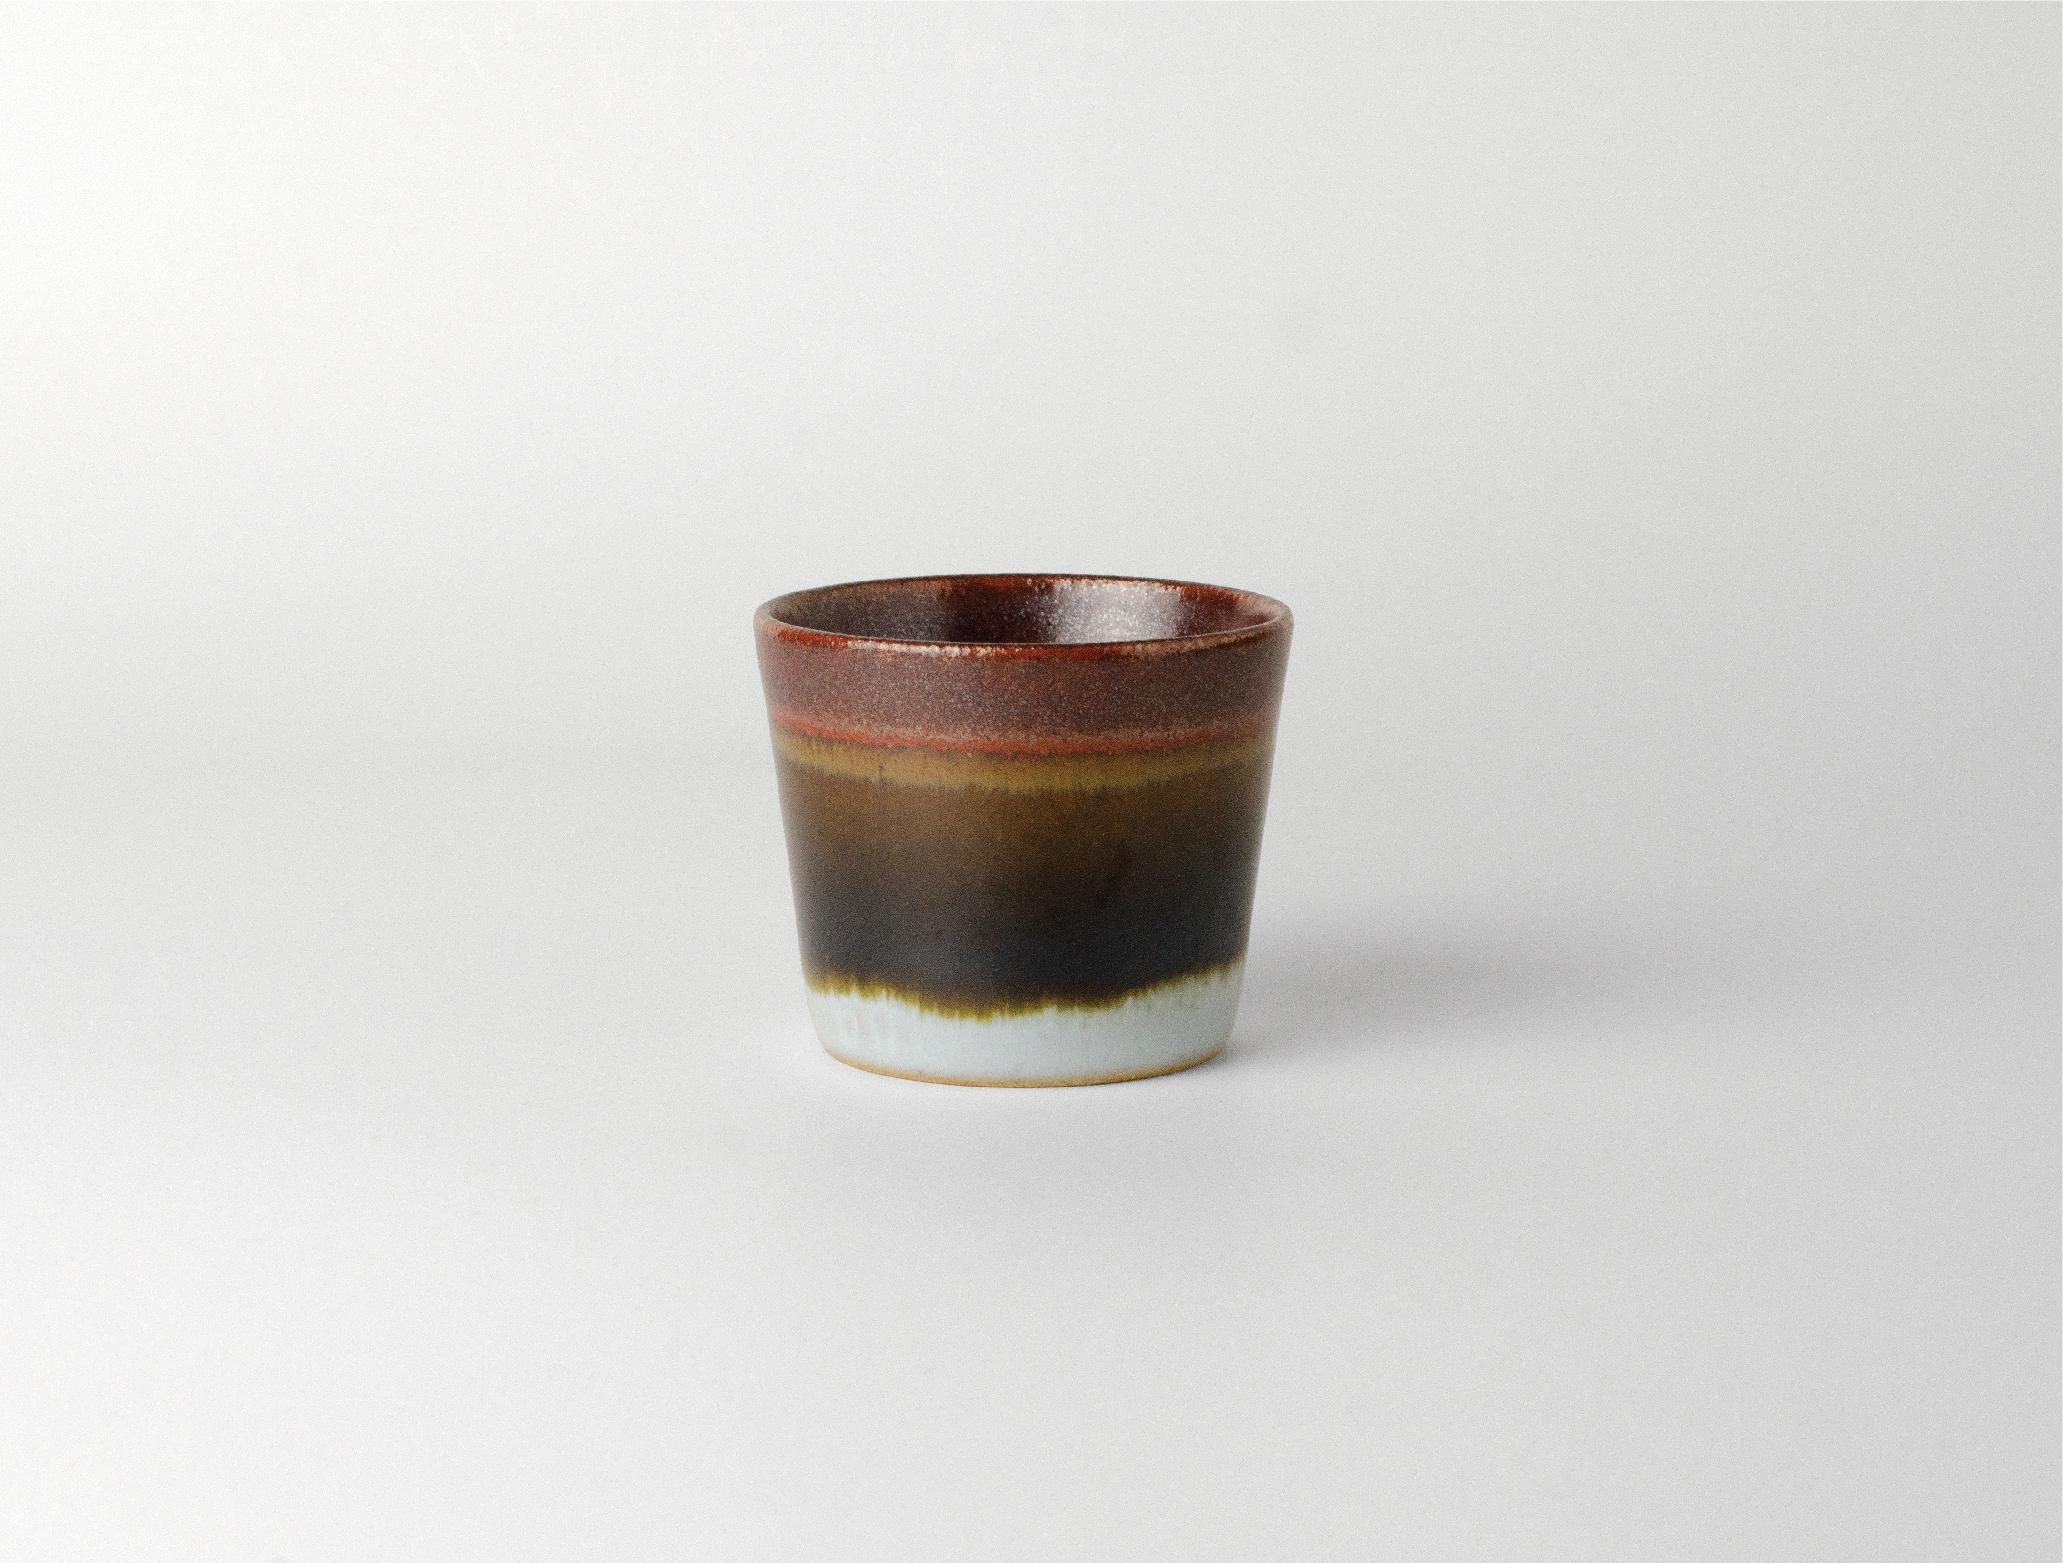 Fujisan_aki 60mlカップ イメージ